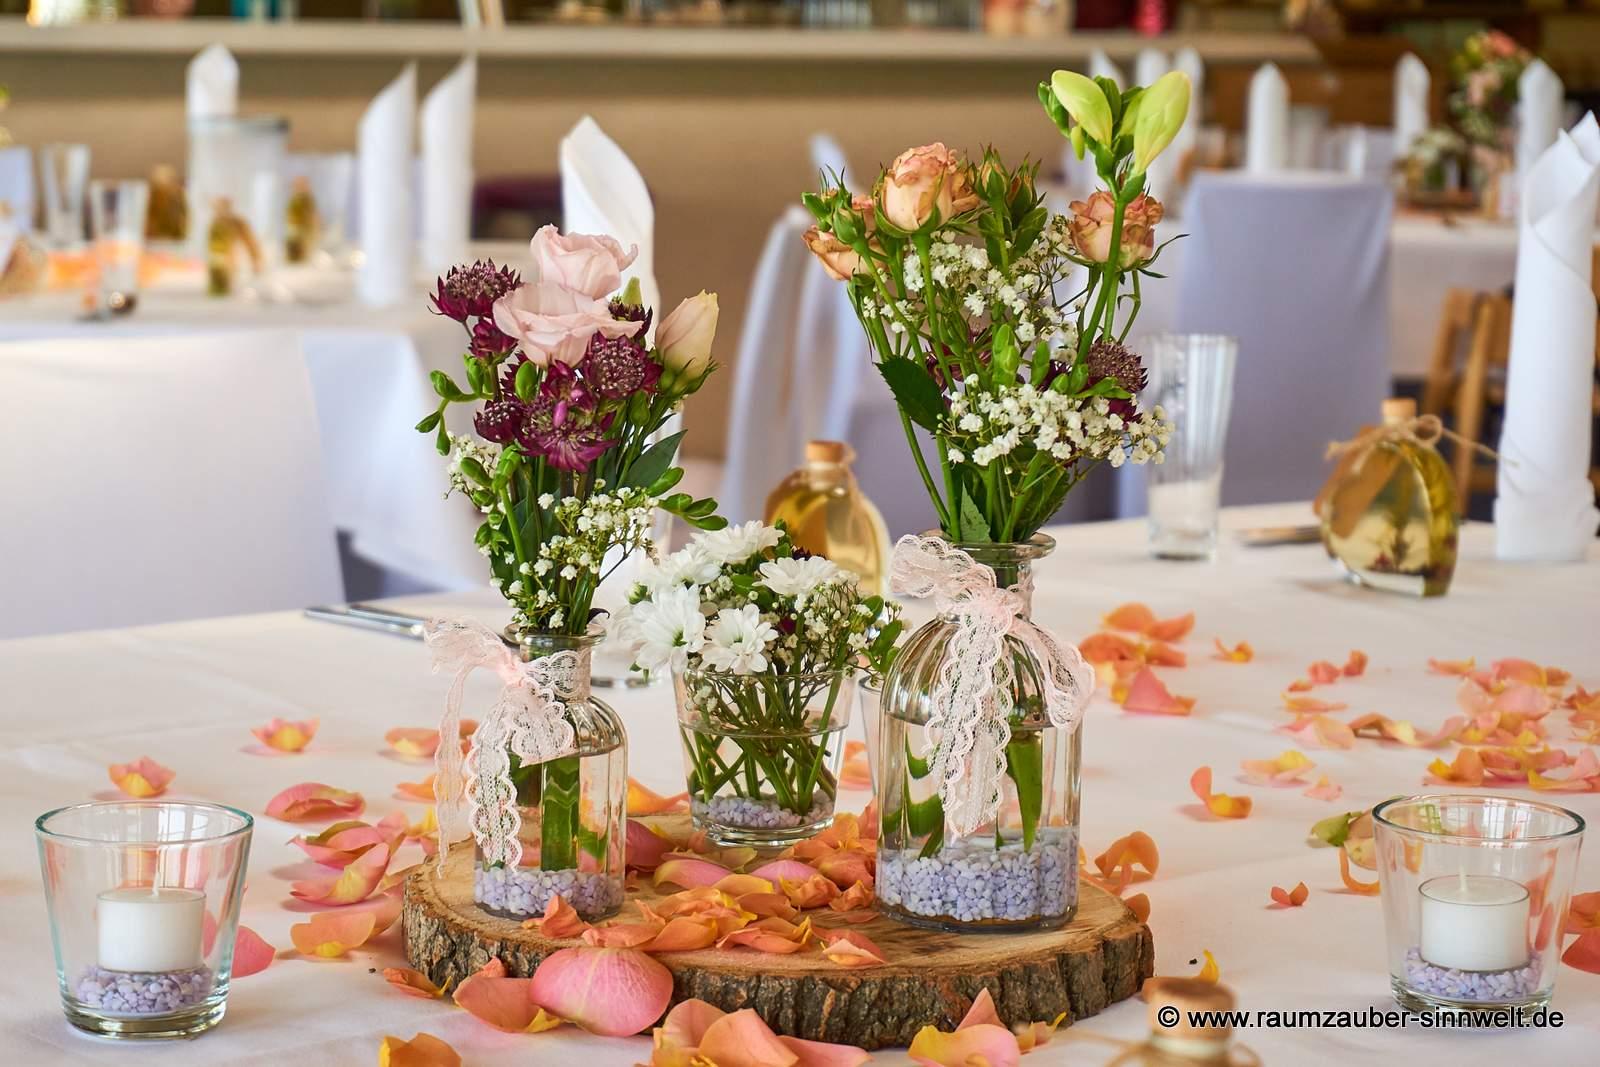 Tischdekoration aus Rosen, Freesien, Santini, Astrantien und Schleierkraut